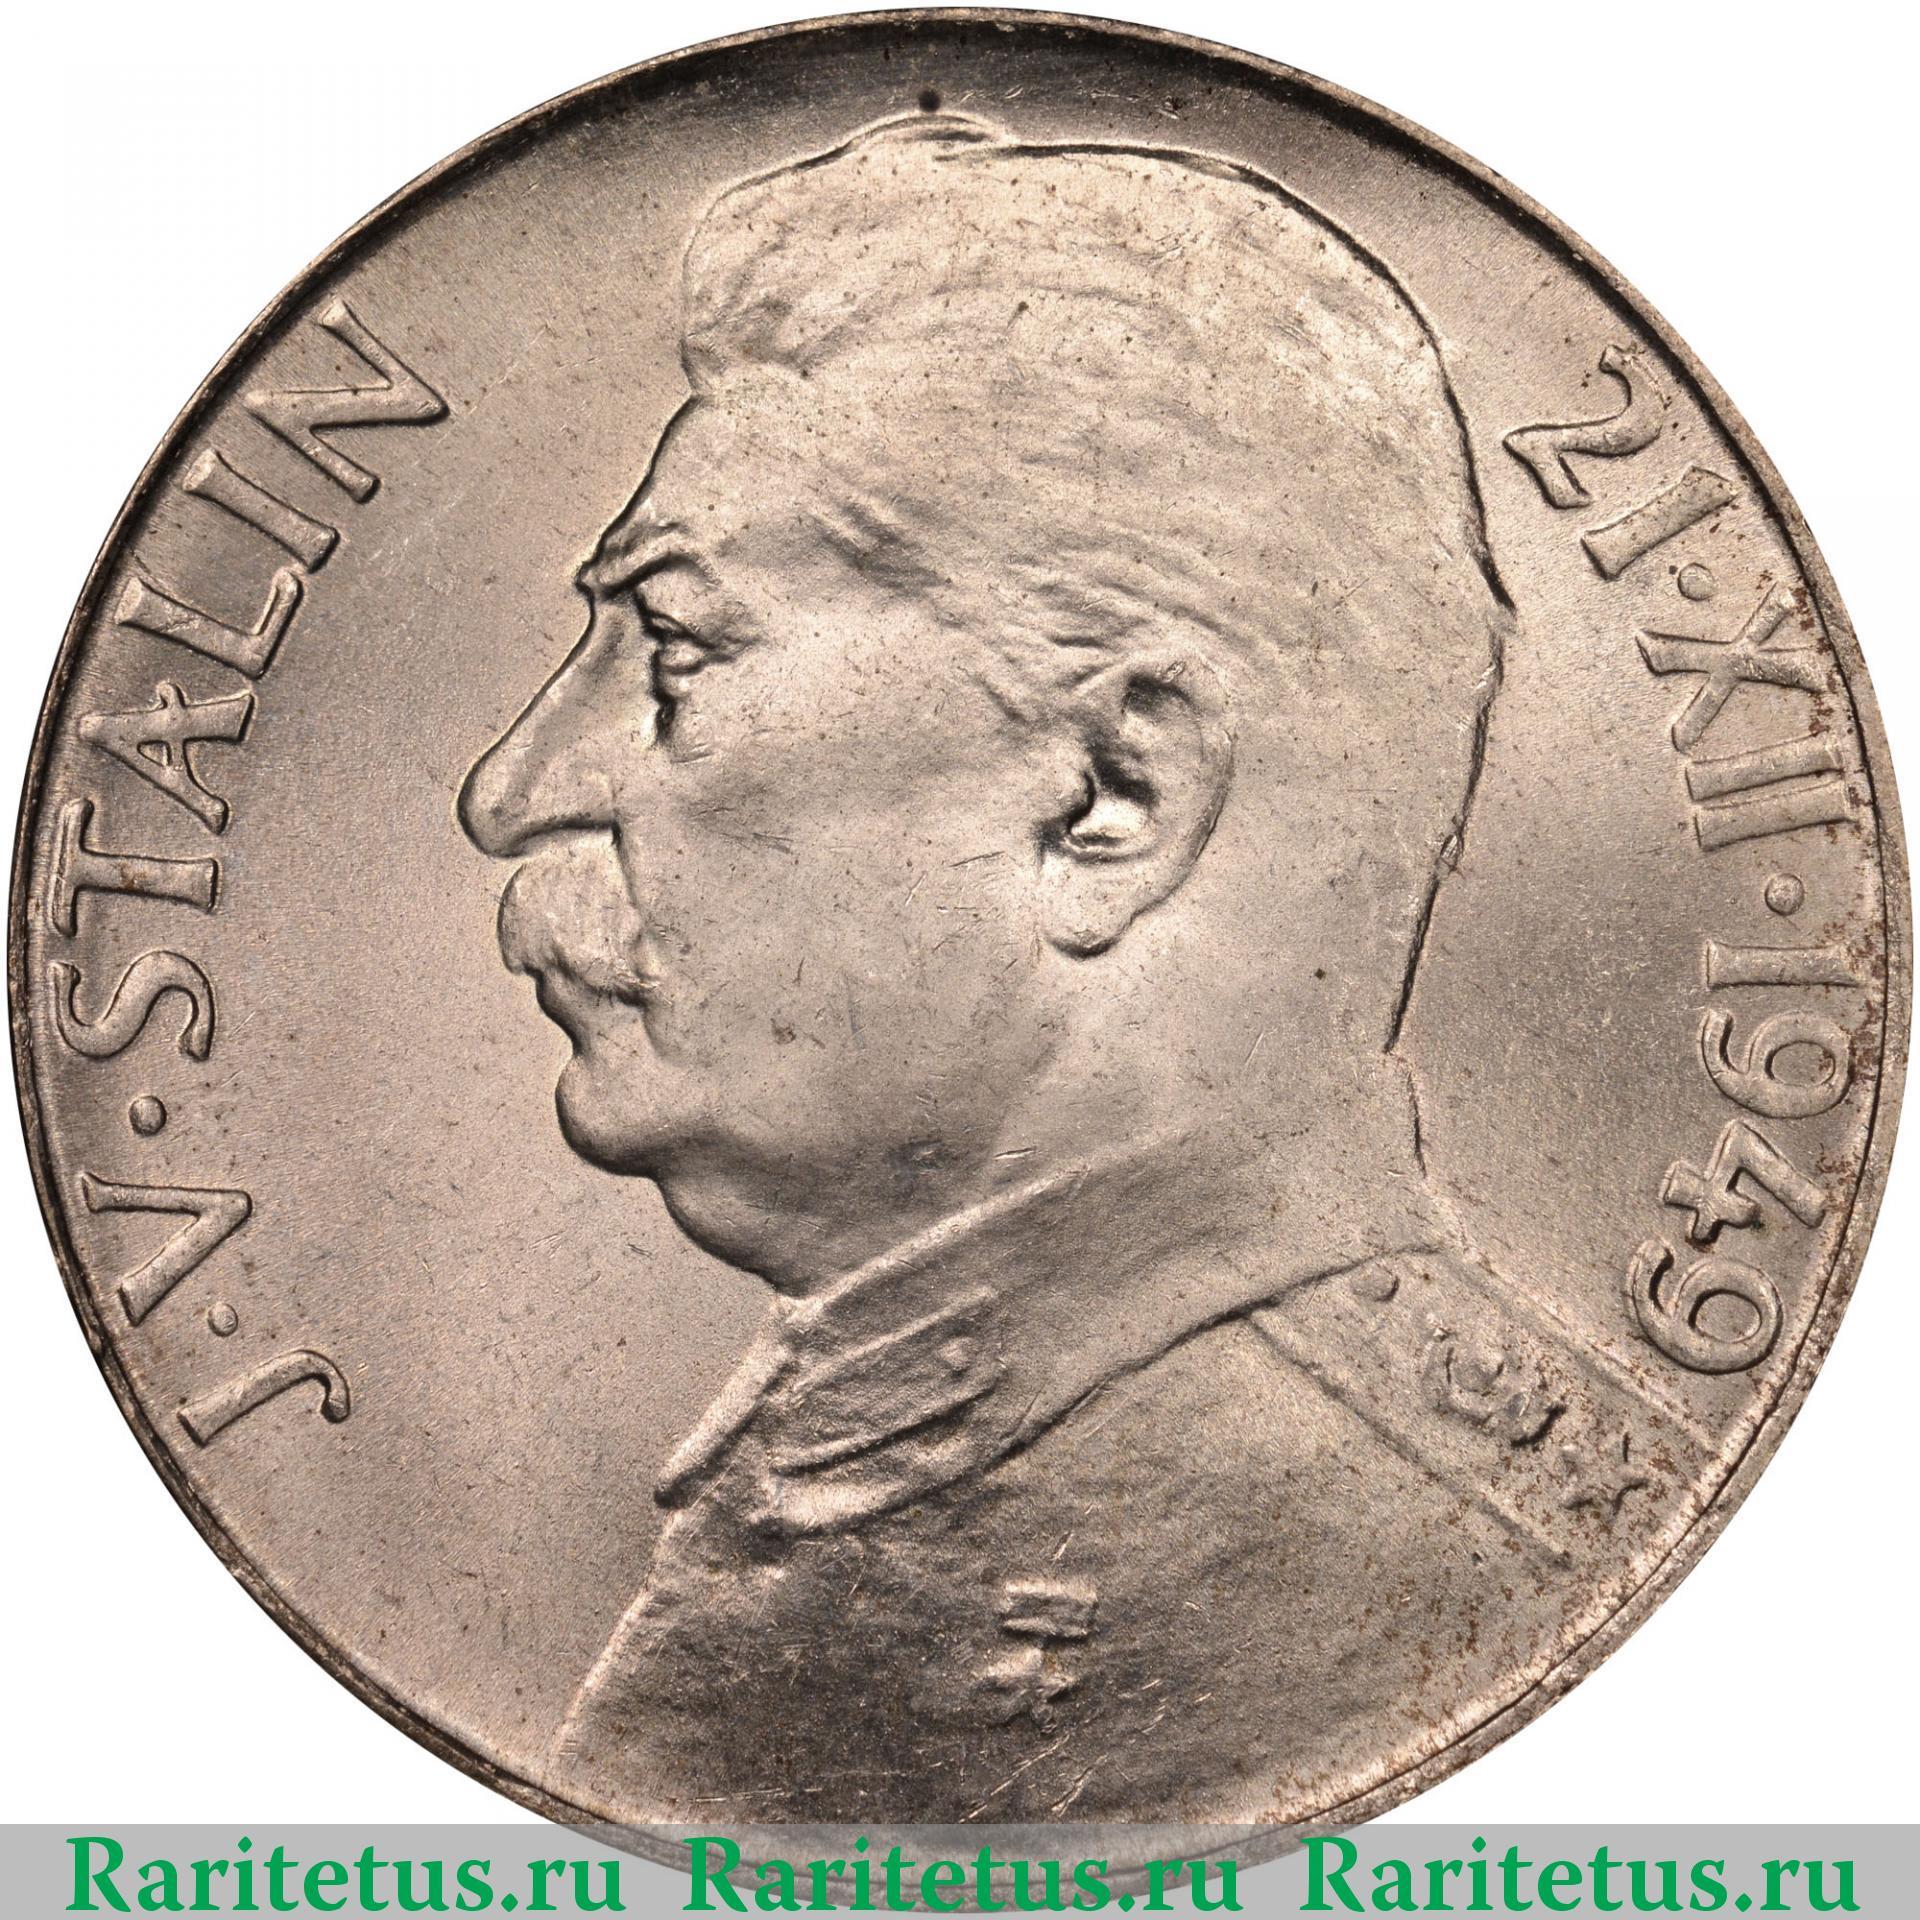 Стоимость монеты сталина наборы монет эстонии